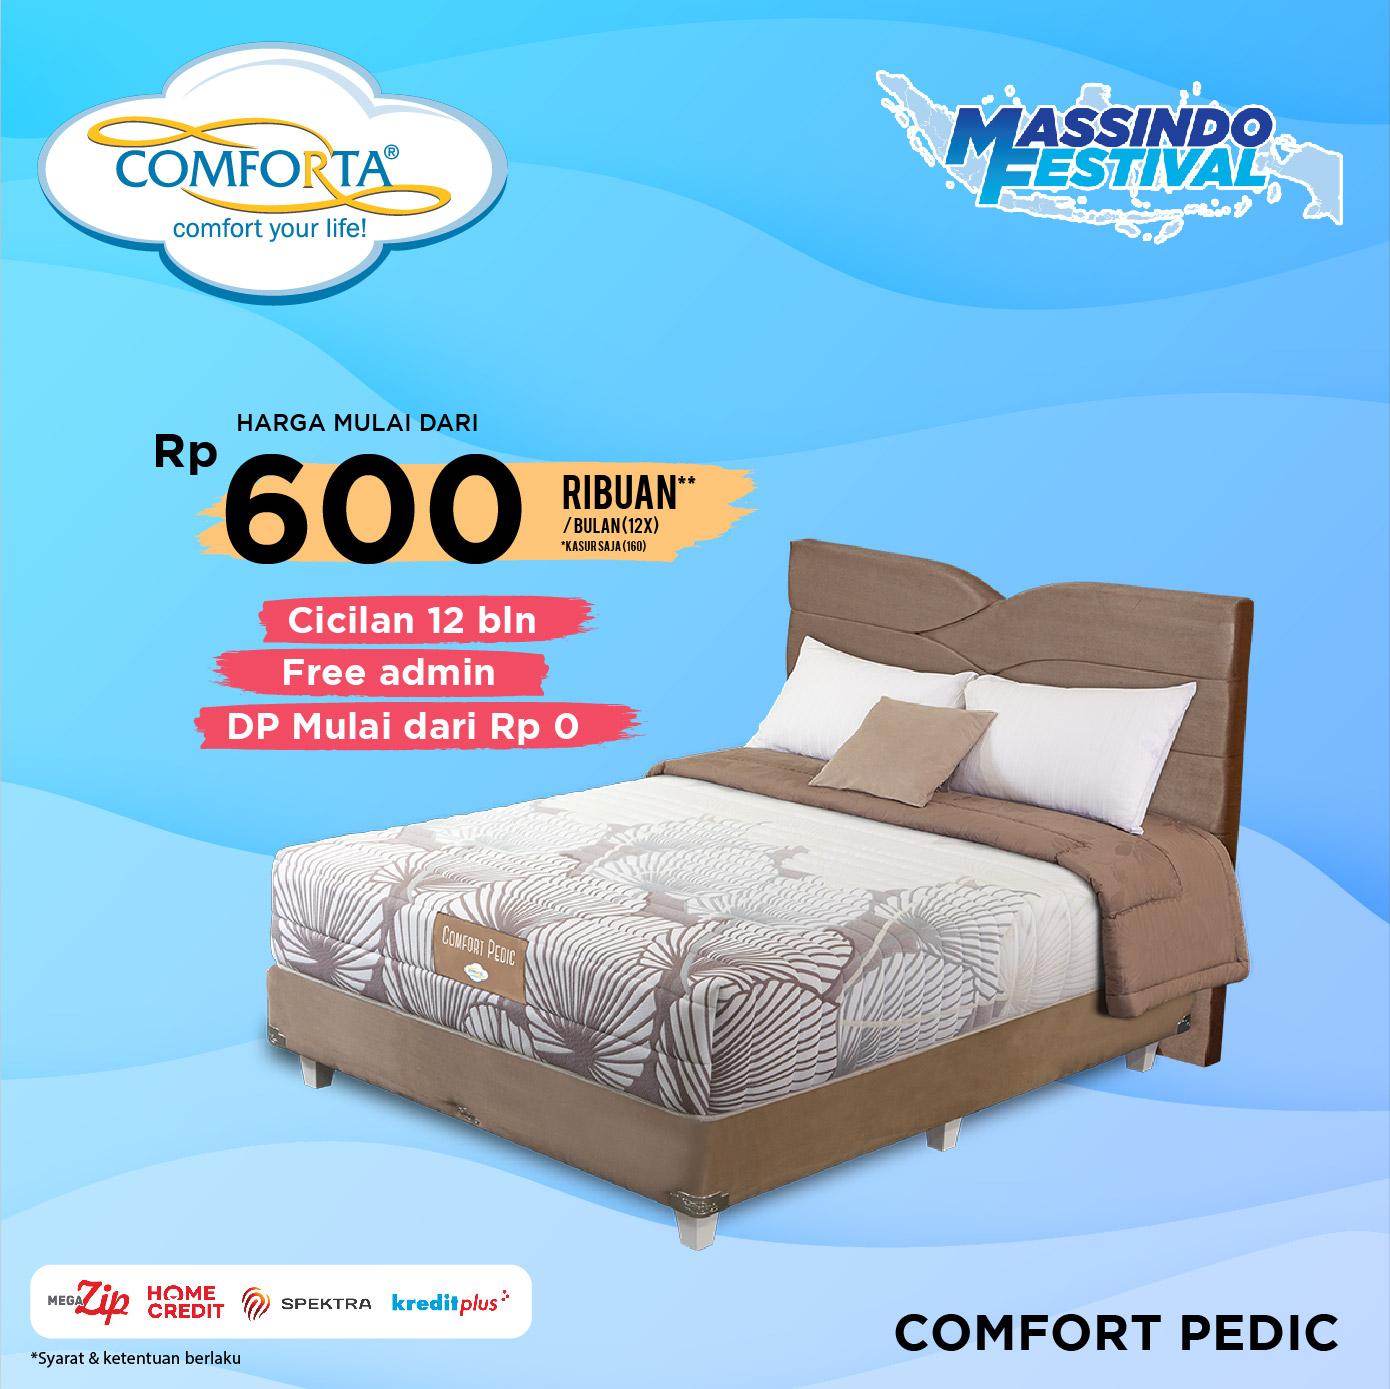 MS FEST_Comfort Pedic